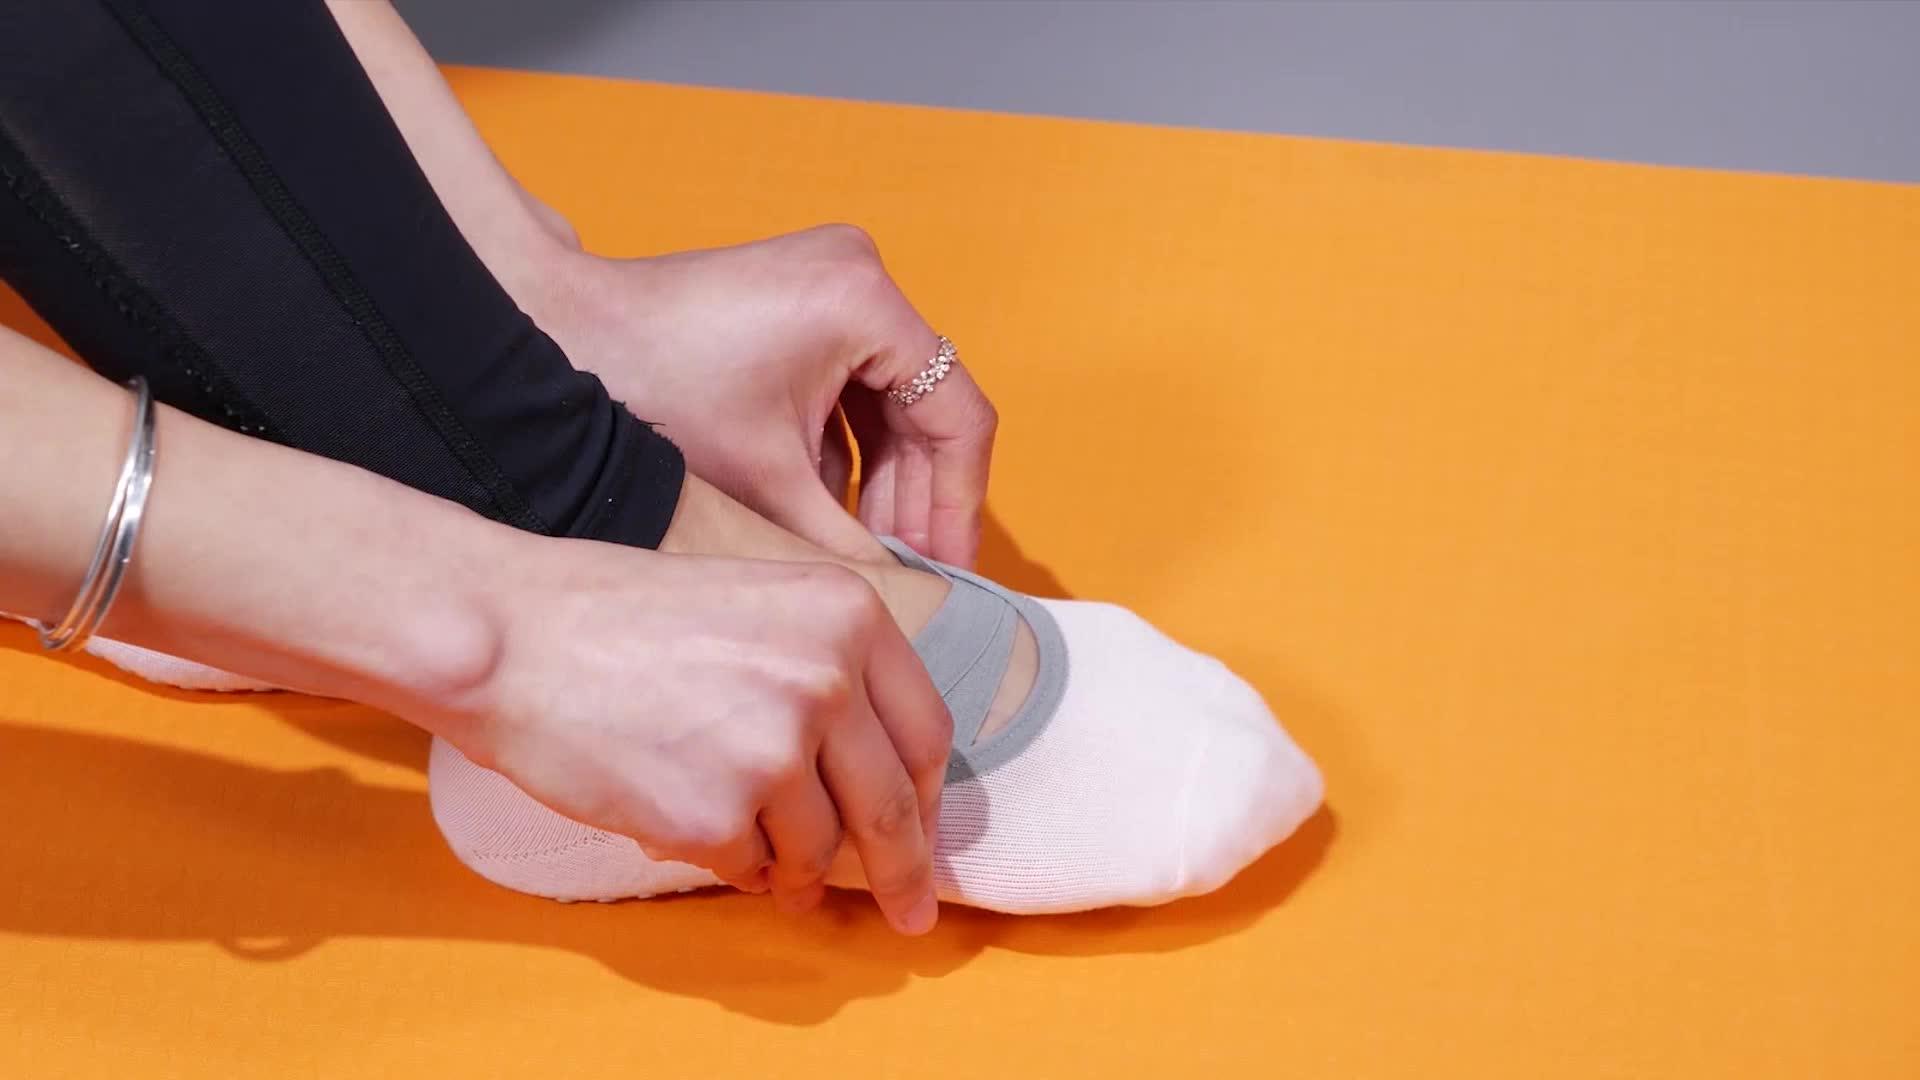 MEIKAN Gros Coton Anti-dérapant En Silicone Souple Semelle Danse Barre Ballet Pilates Sox Personnalisé Femmes Yoga Chaussettes pour femmes